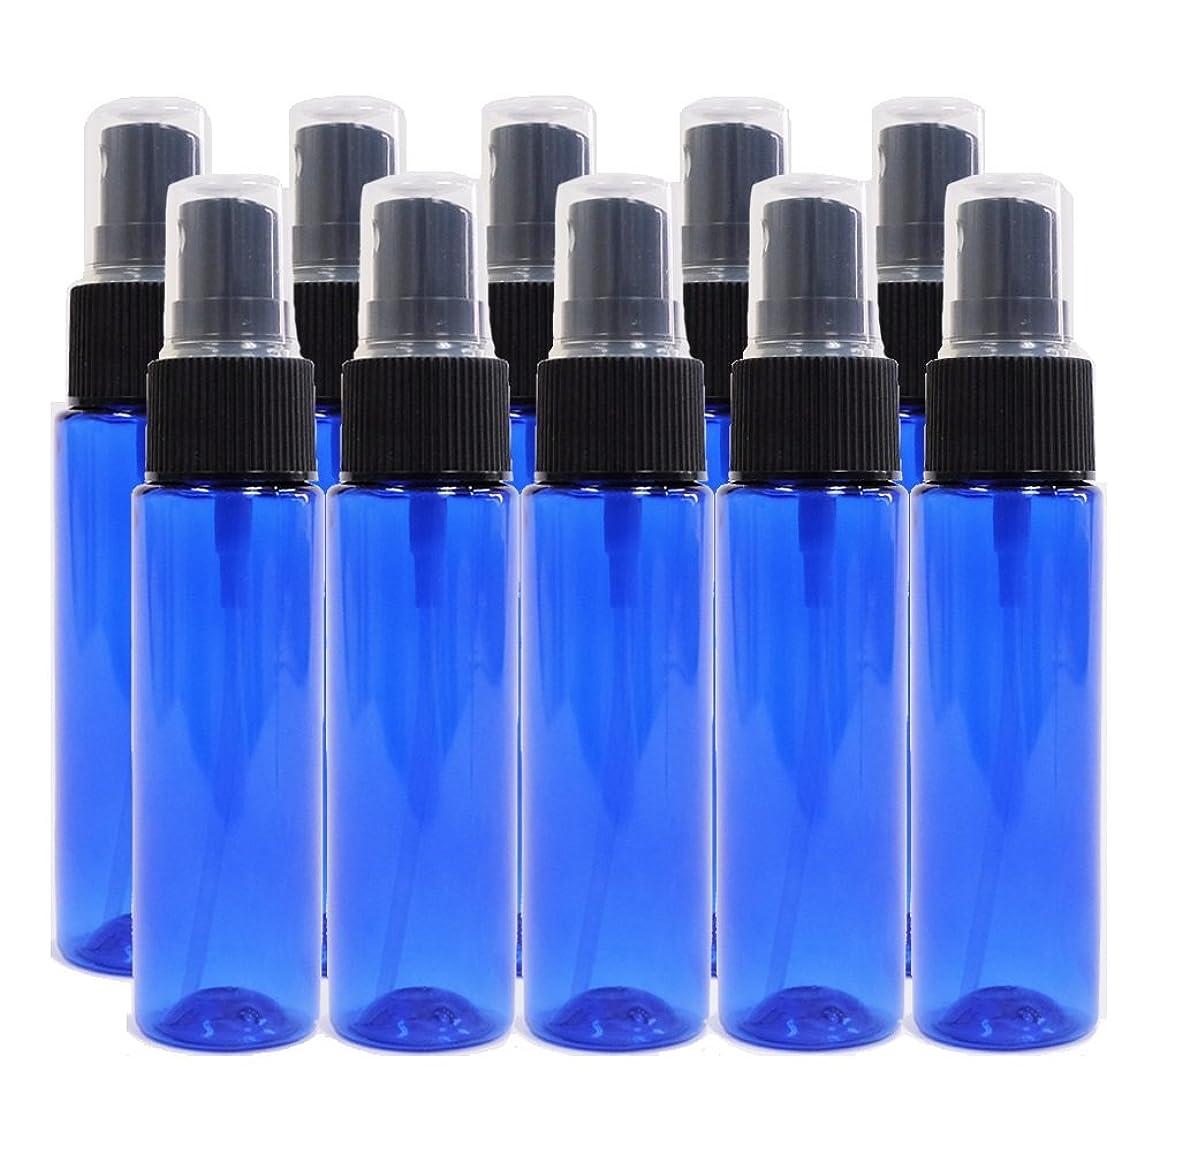 素子交差点警告ease 保存容器 スプレータイプ プラスチック 青色 30ml×10本